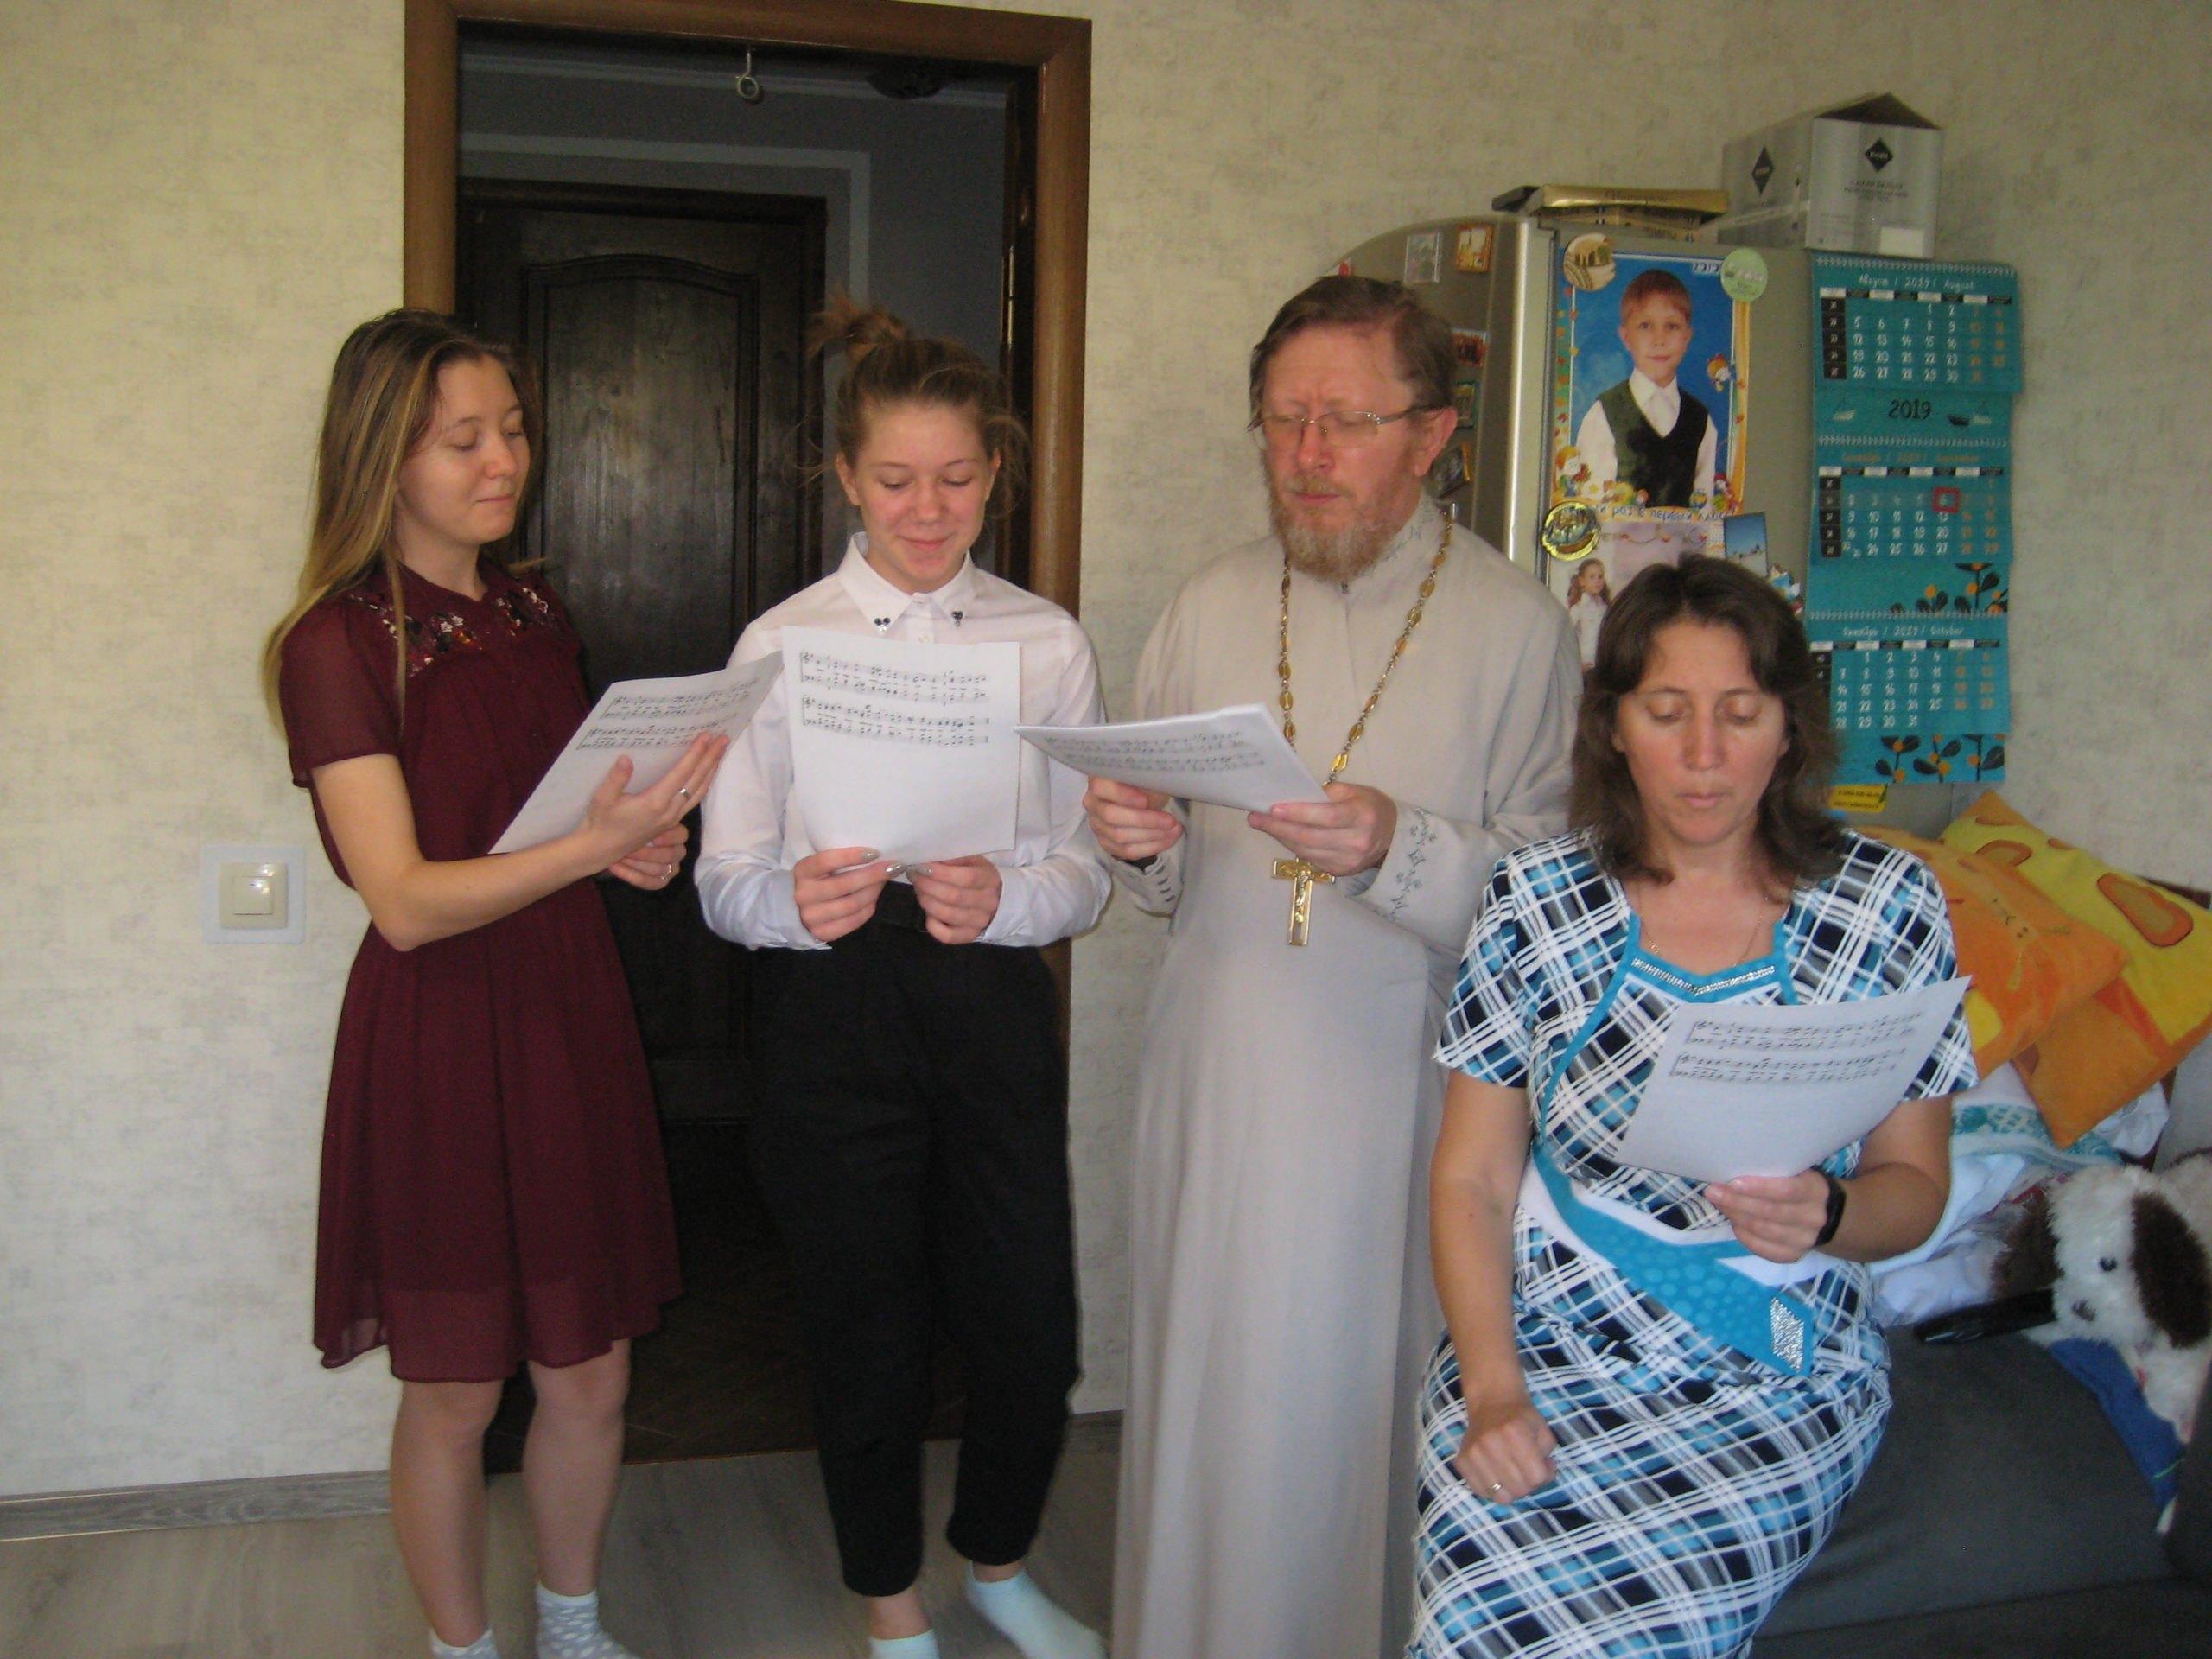 В Абрау-Дюрсо под Новороссийском появился церковный хор